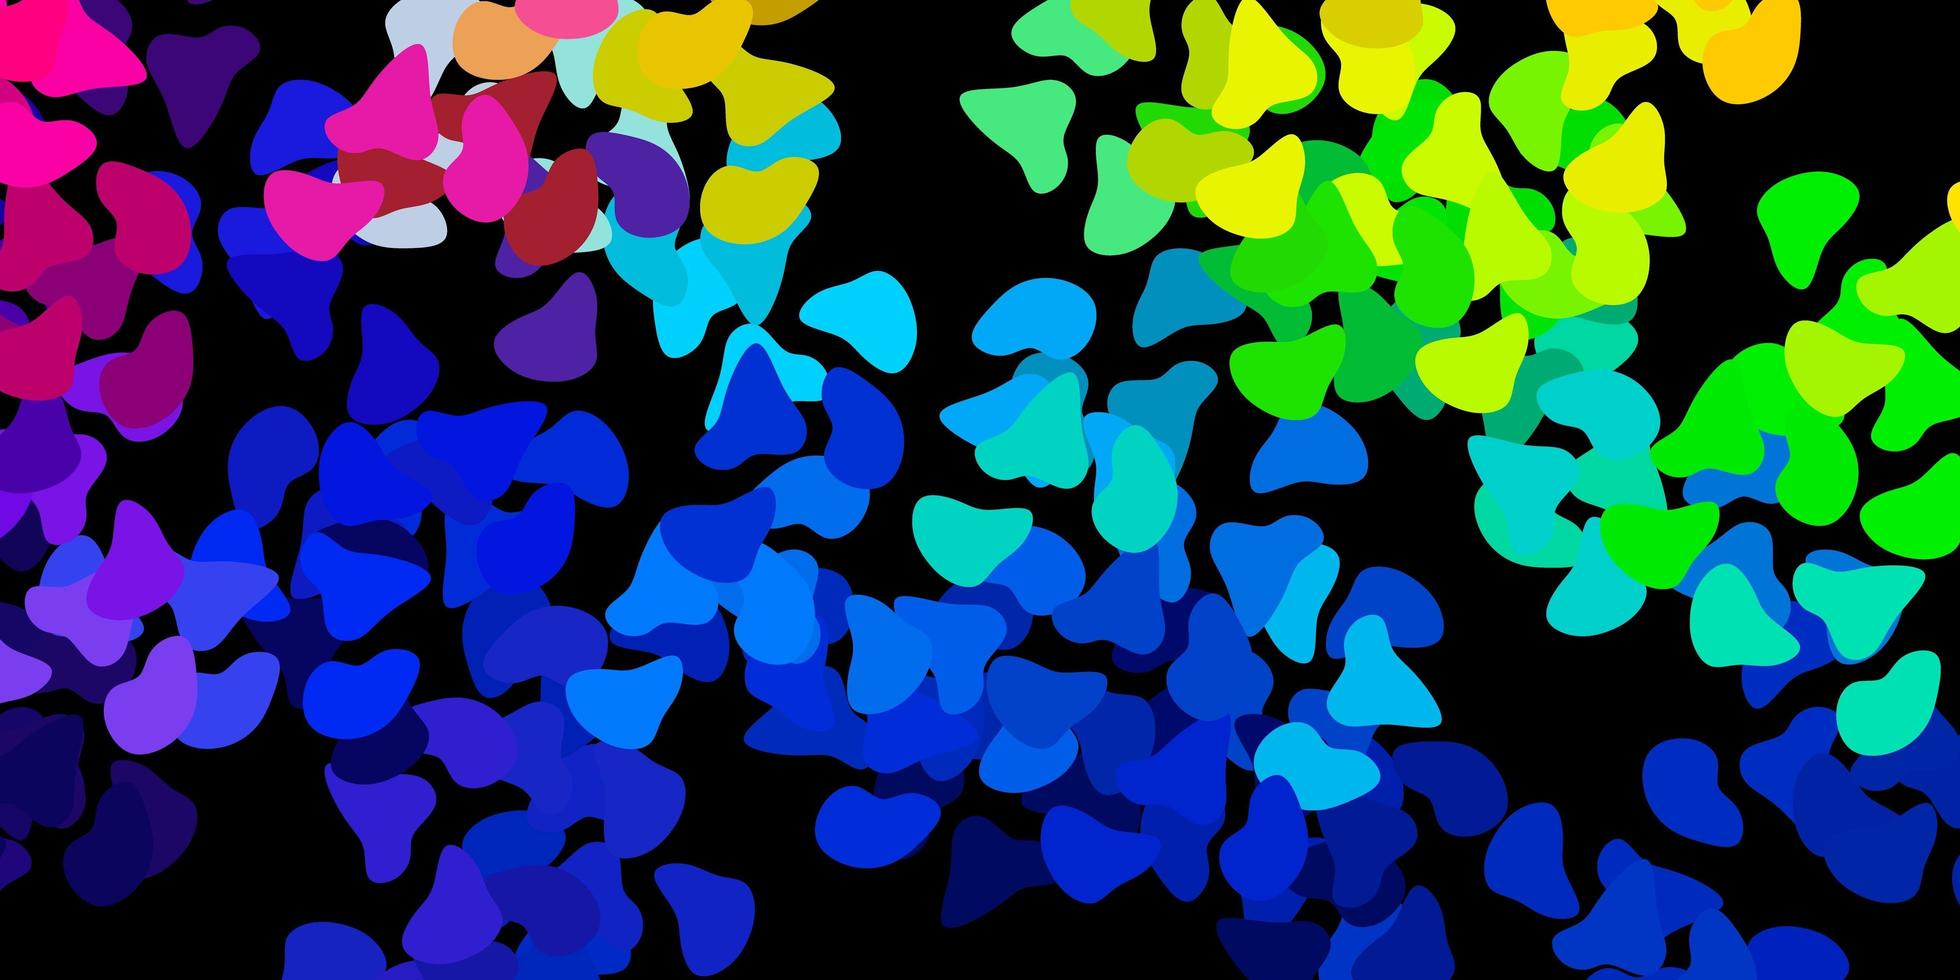 texture de vecteur multicolore sombre avec des formes de memphis